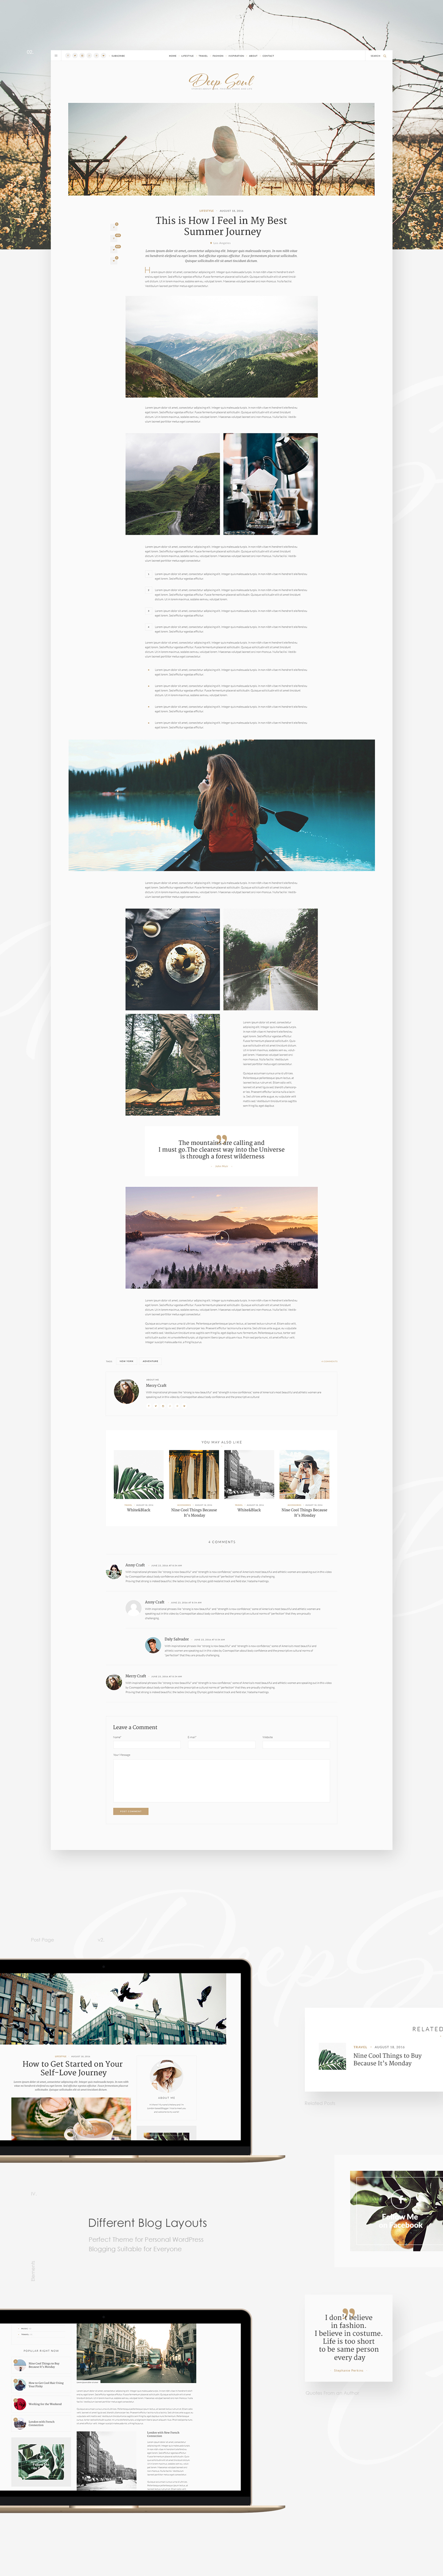 Deep Soul - Lifestyle Blog & Shop WordPress Theme